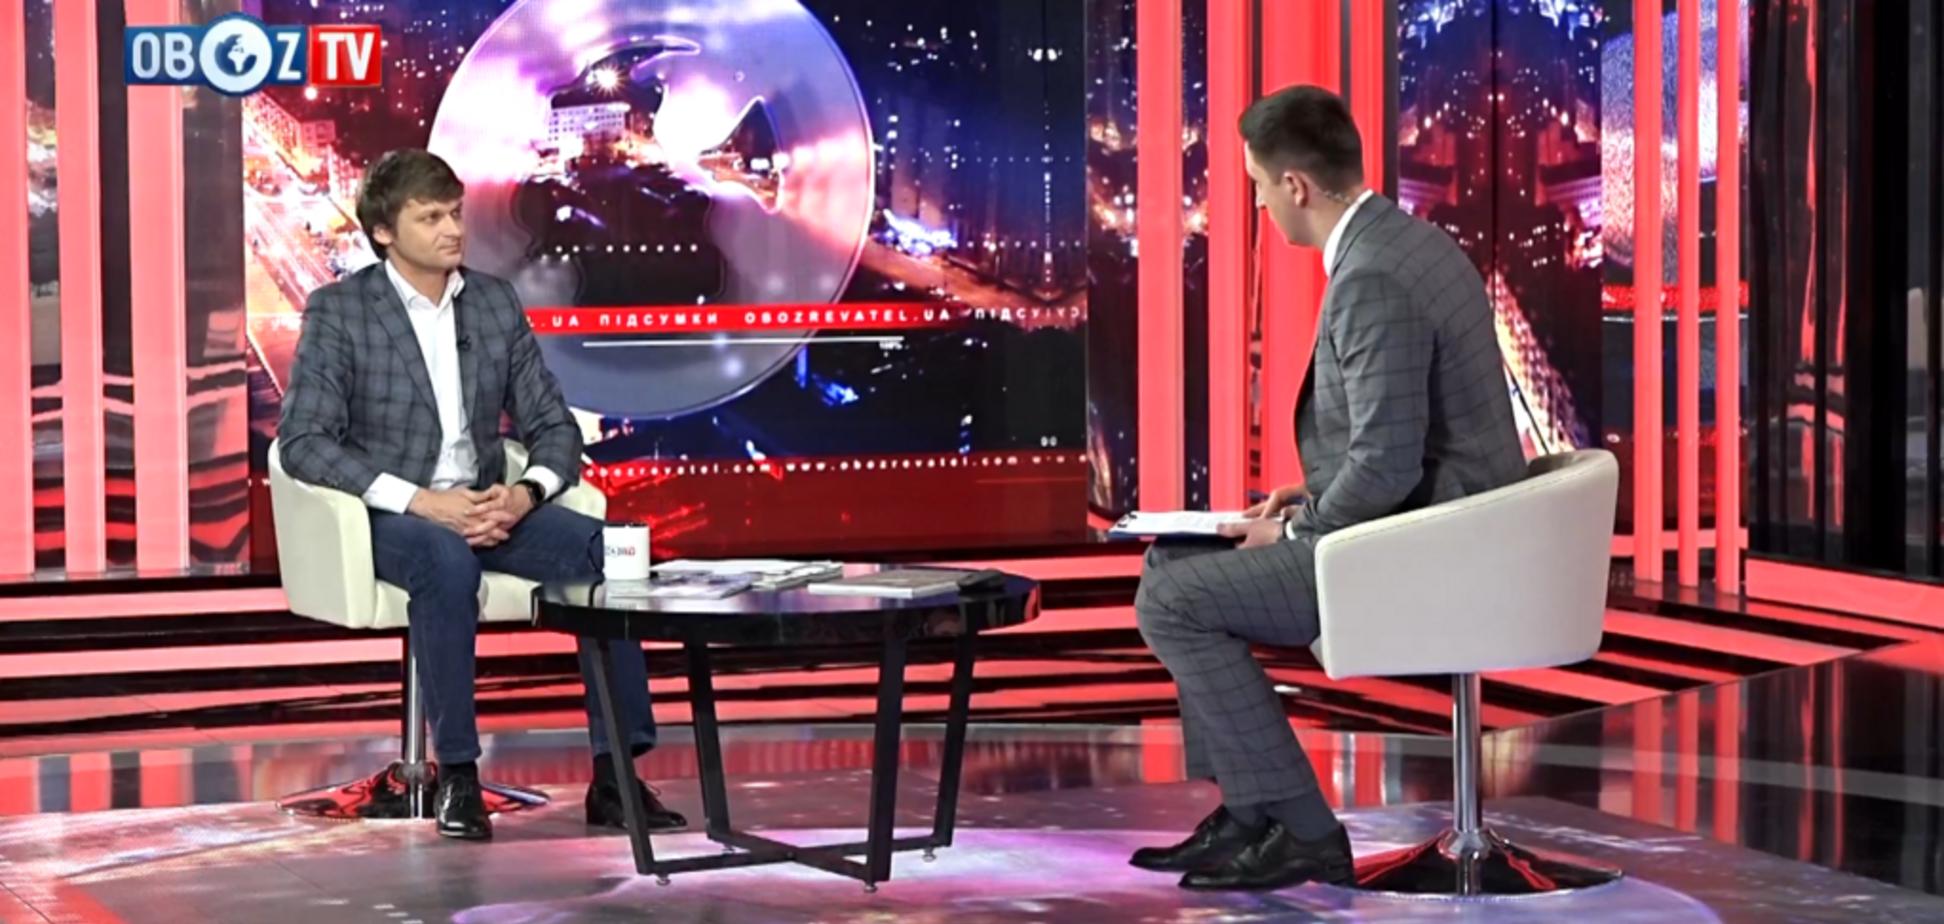 Мін'юст і Адміністрація президента мають різні аргументи по Богдану: Куценко